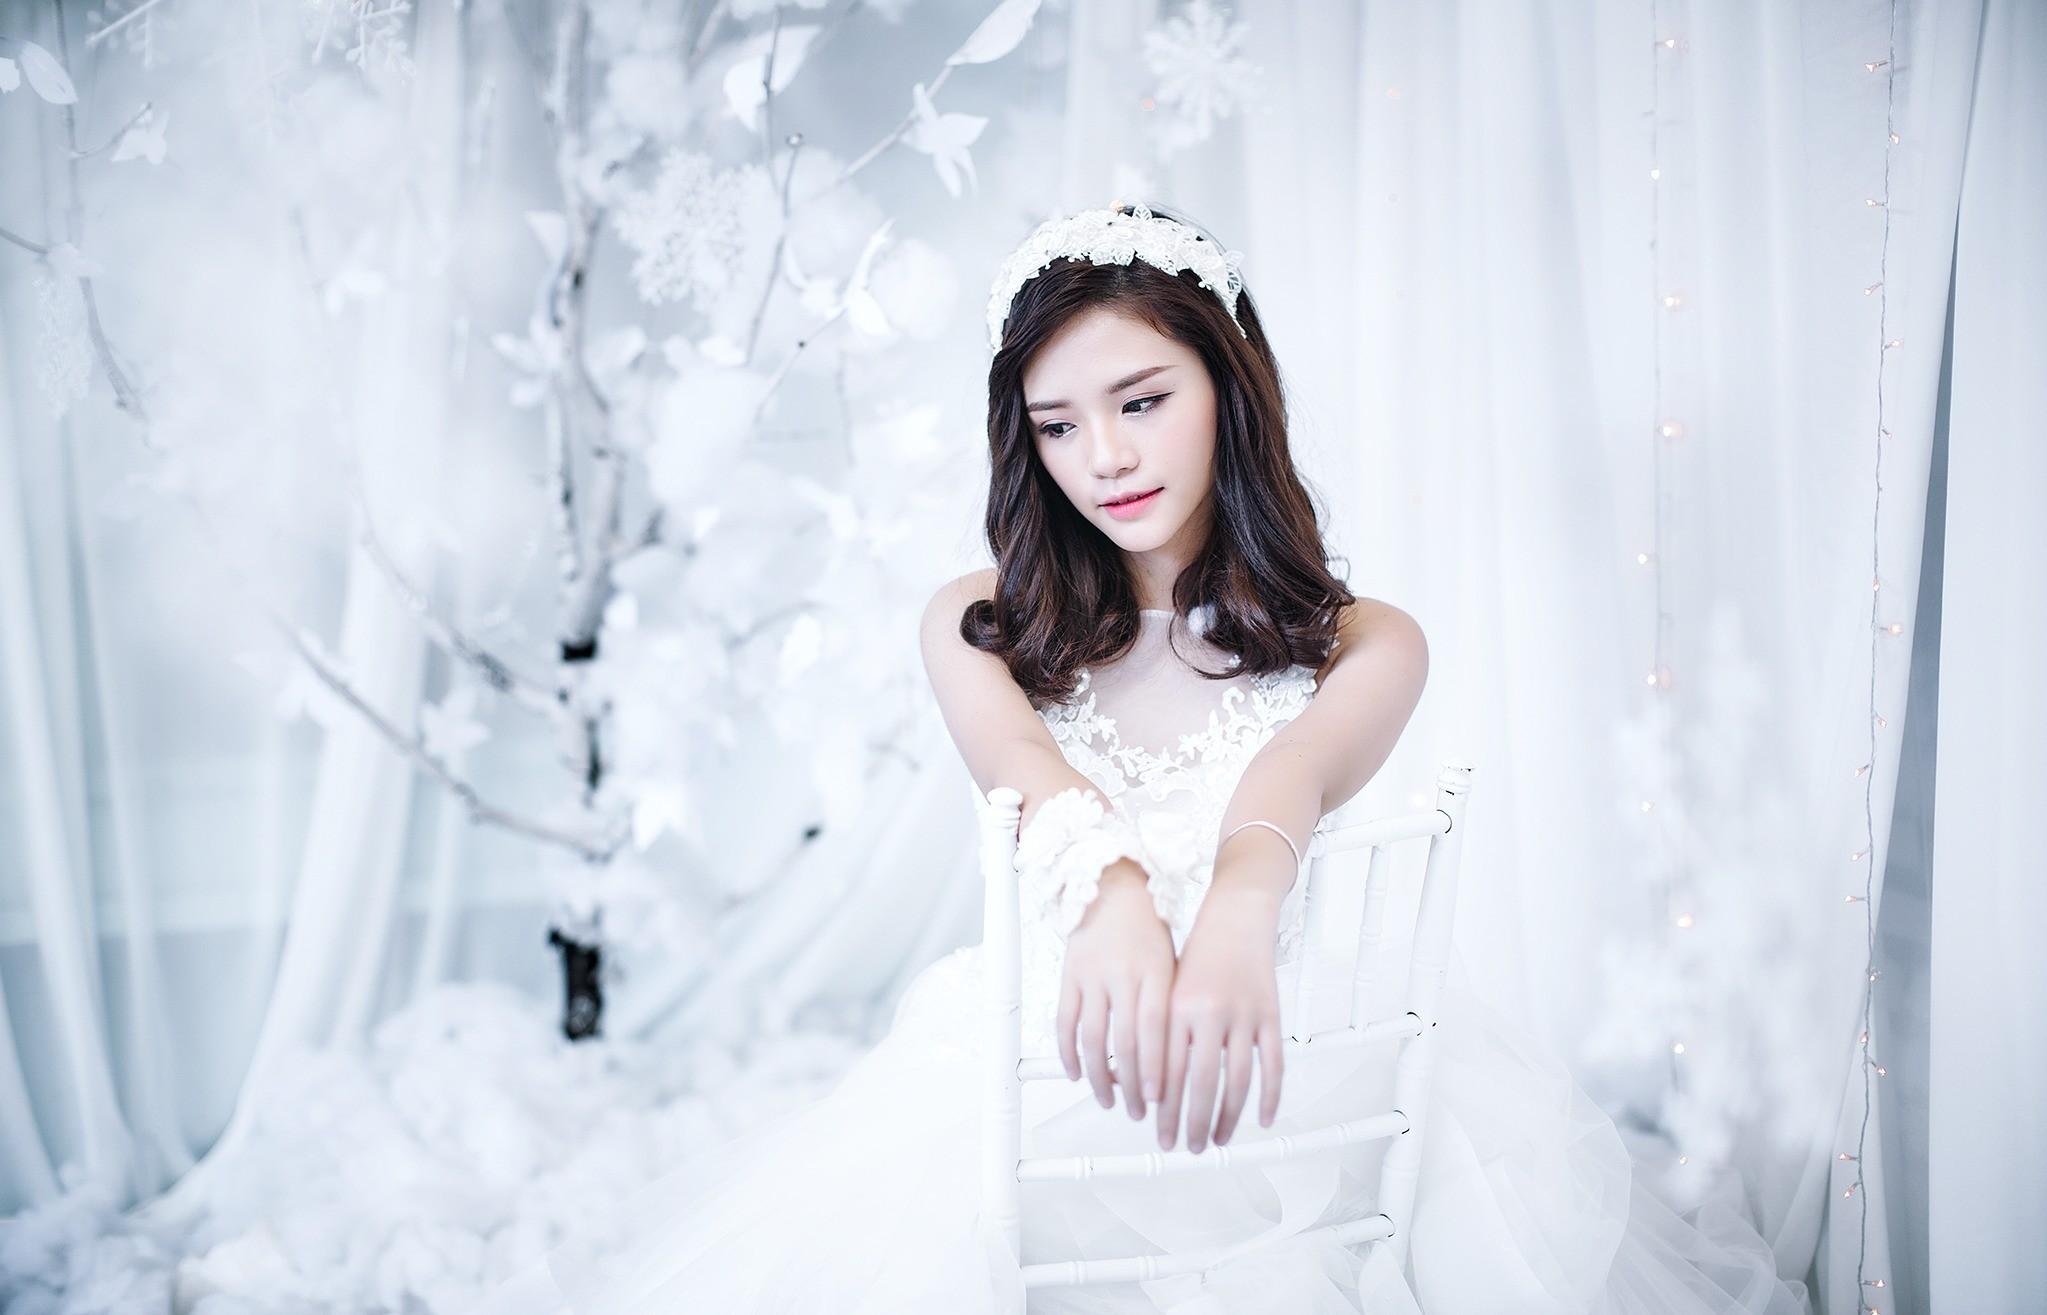 Hintergrundbilder : Weiß, Frau, Modell-, lange Haare, Winter ...